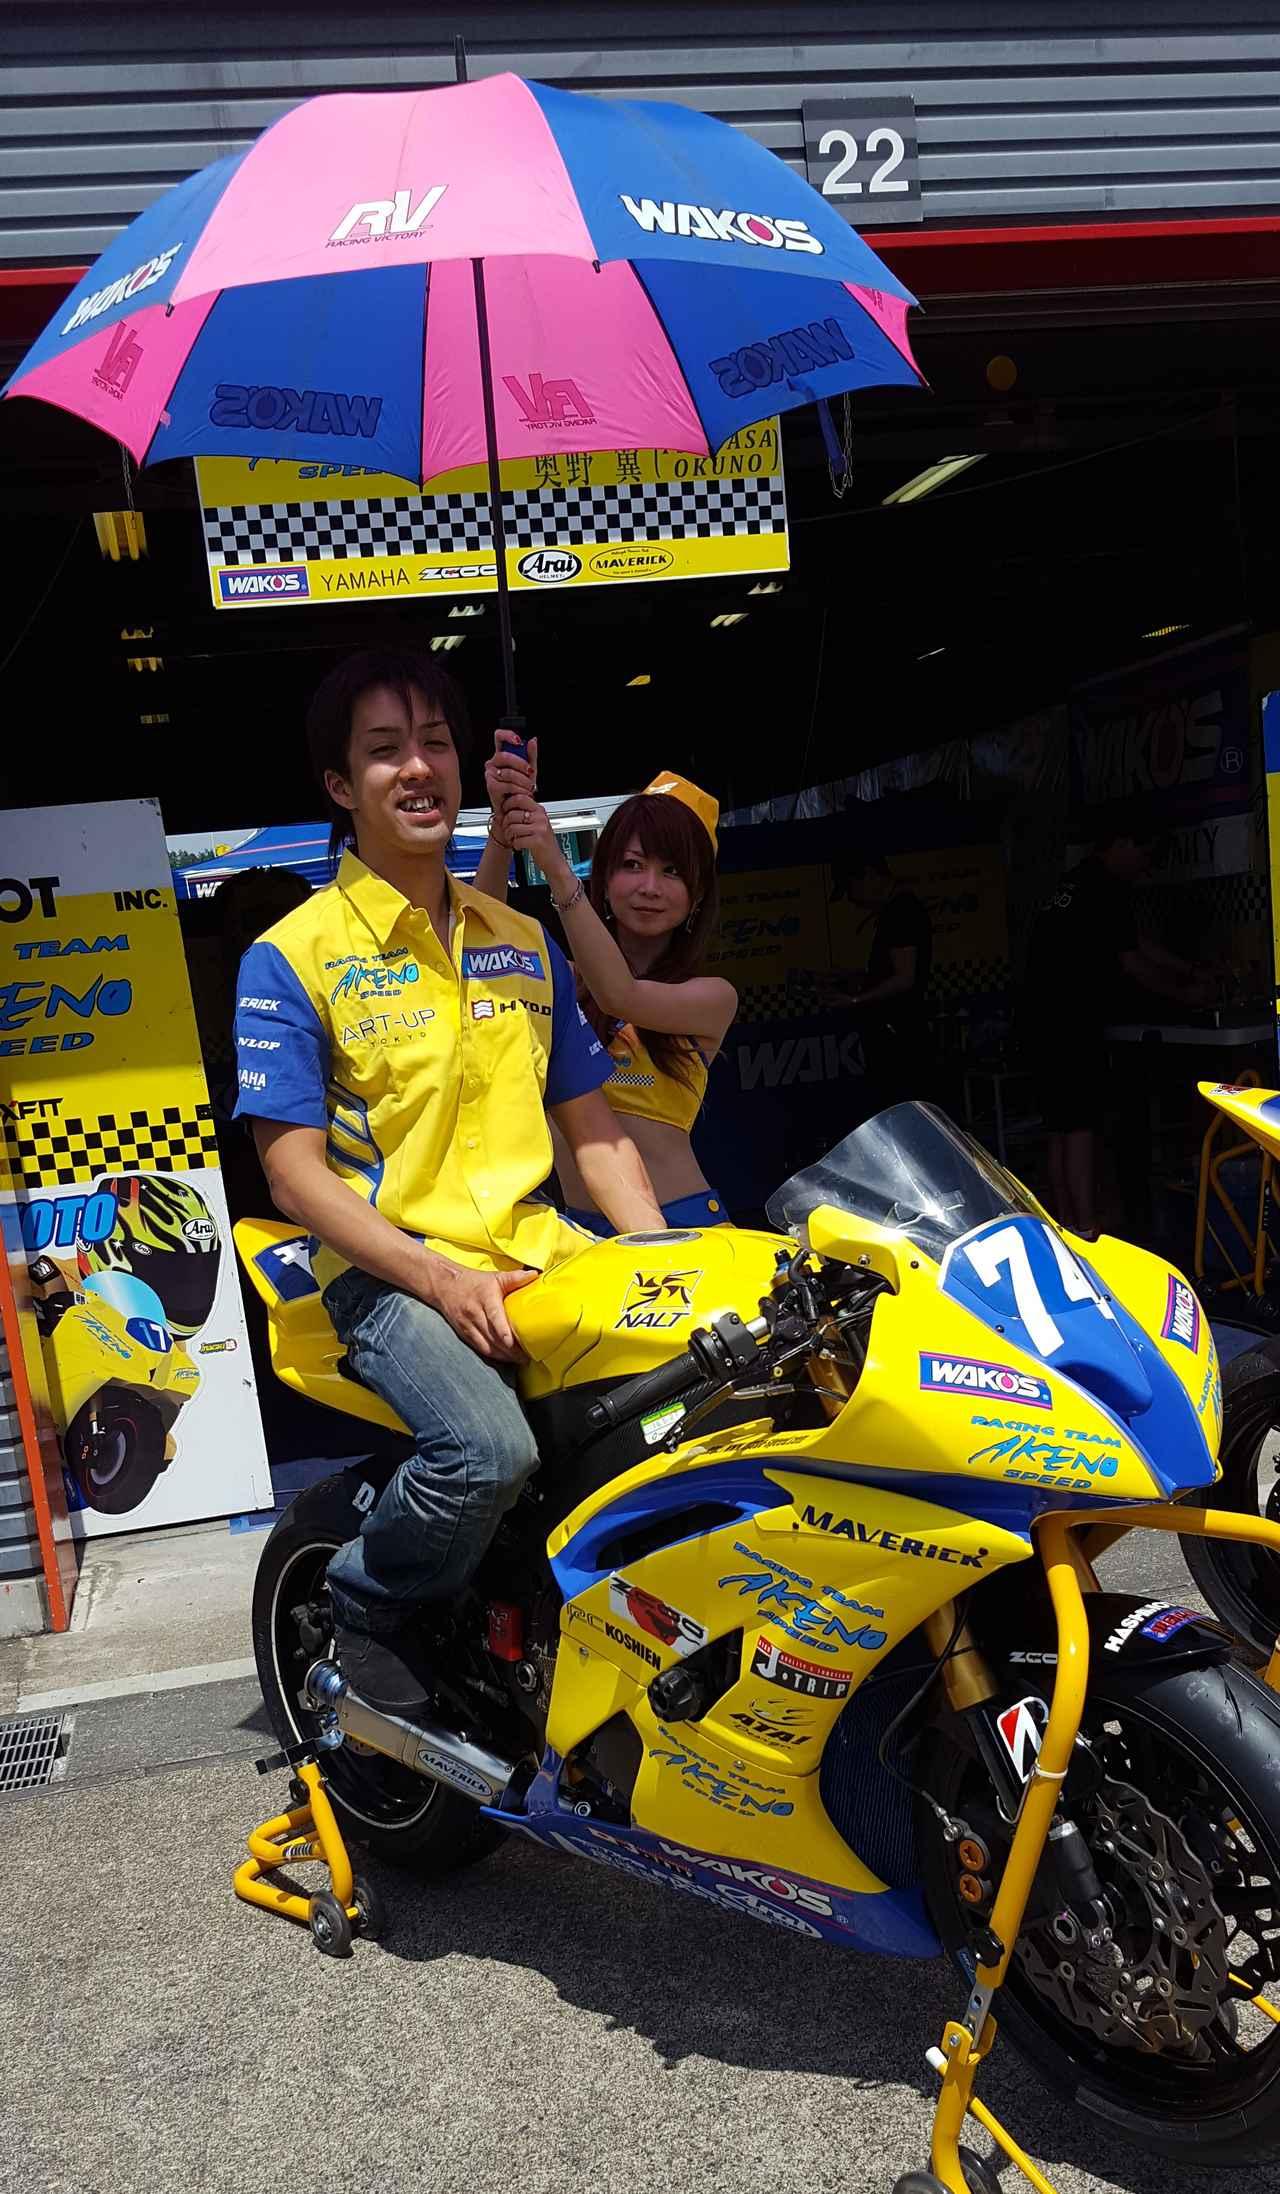 画像6: 【綺麗なお姉さんは好きですか?】 各チームのRQからチームを知ってみよう!!! 2016年 MFJ全日本ロードレース選手権Rd.4 @ツインリンクもてぎvol.3